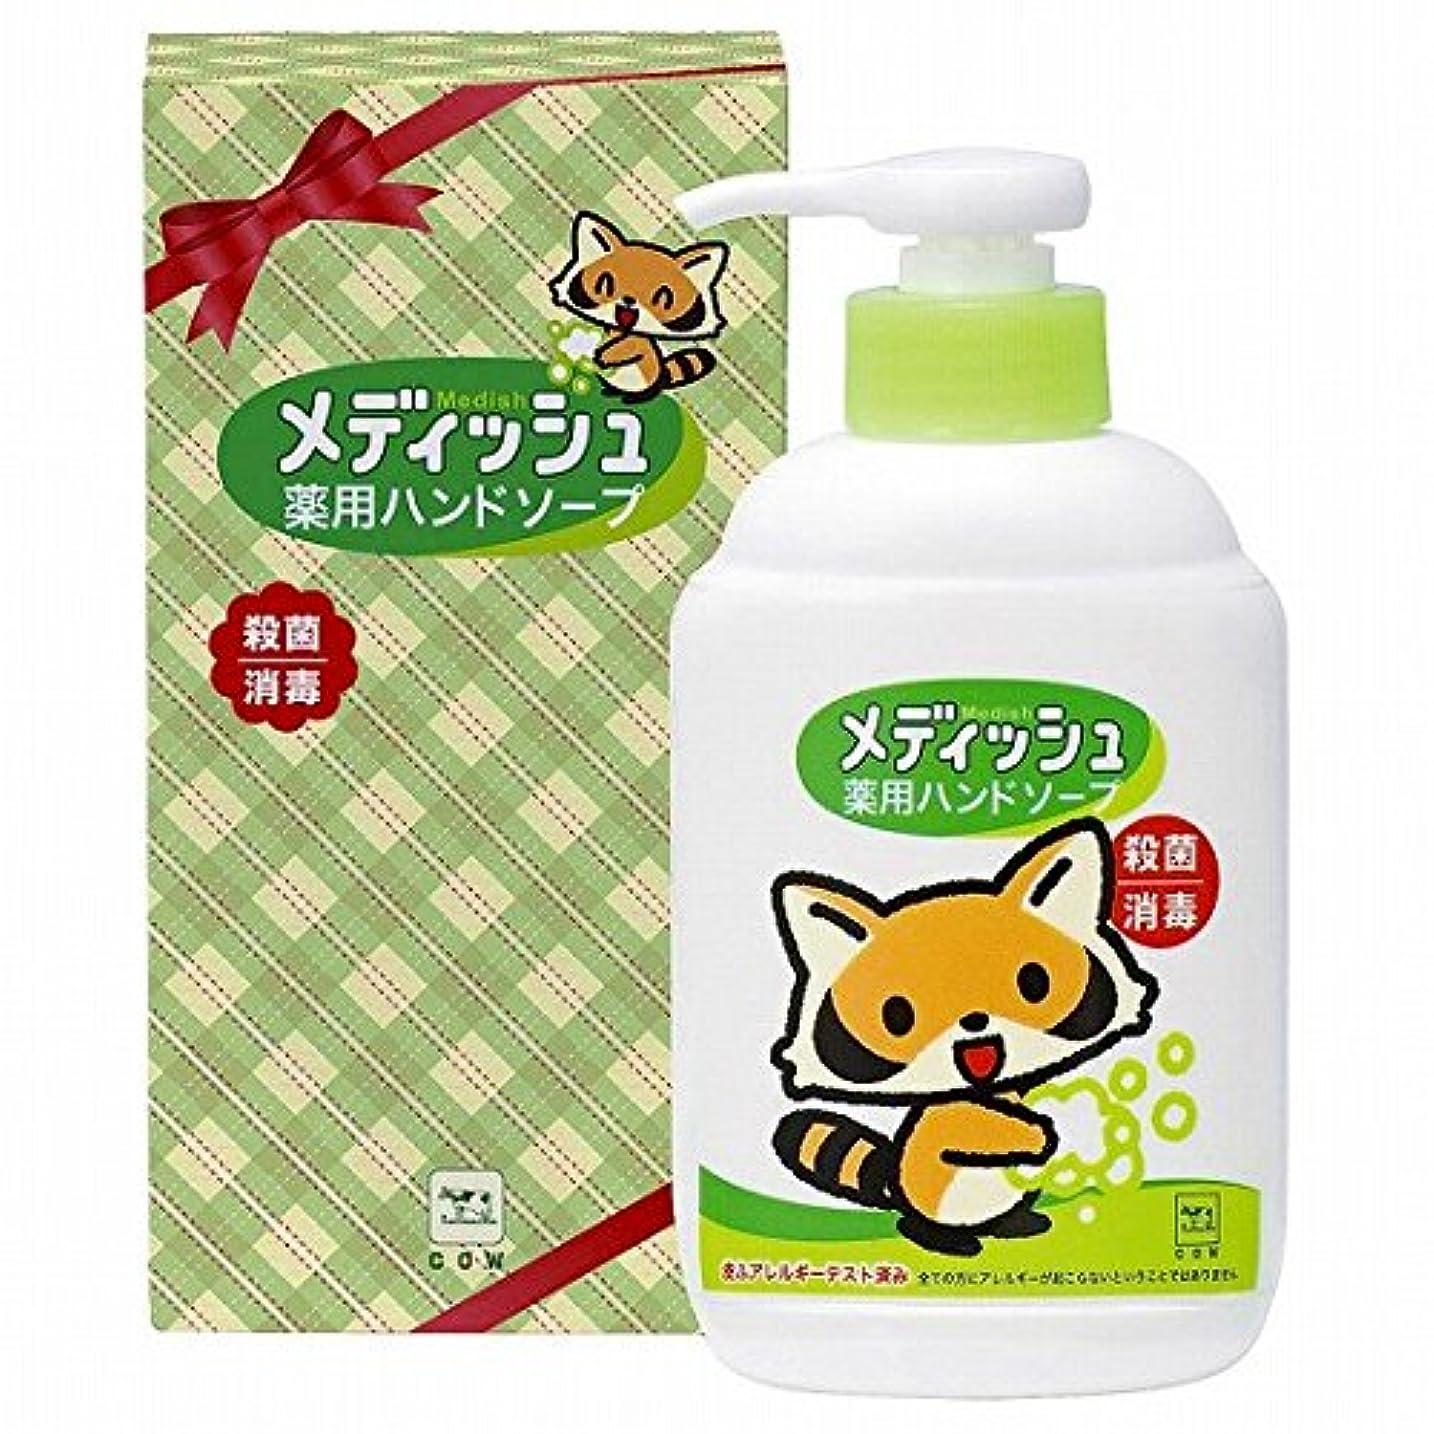 はぁ後退する血統nobrand 牛乳石鹸 メディッシュ 薬用ハンドソープ 250ml 箱入(MS35)